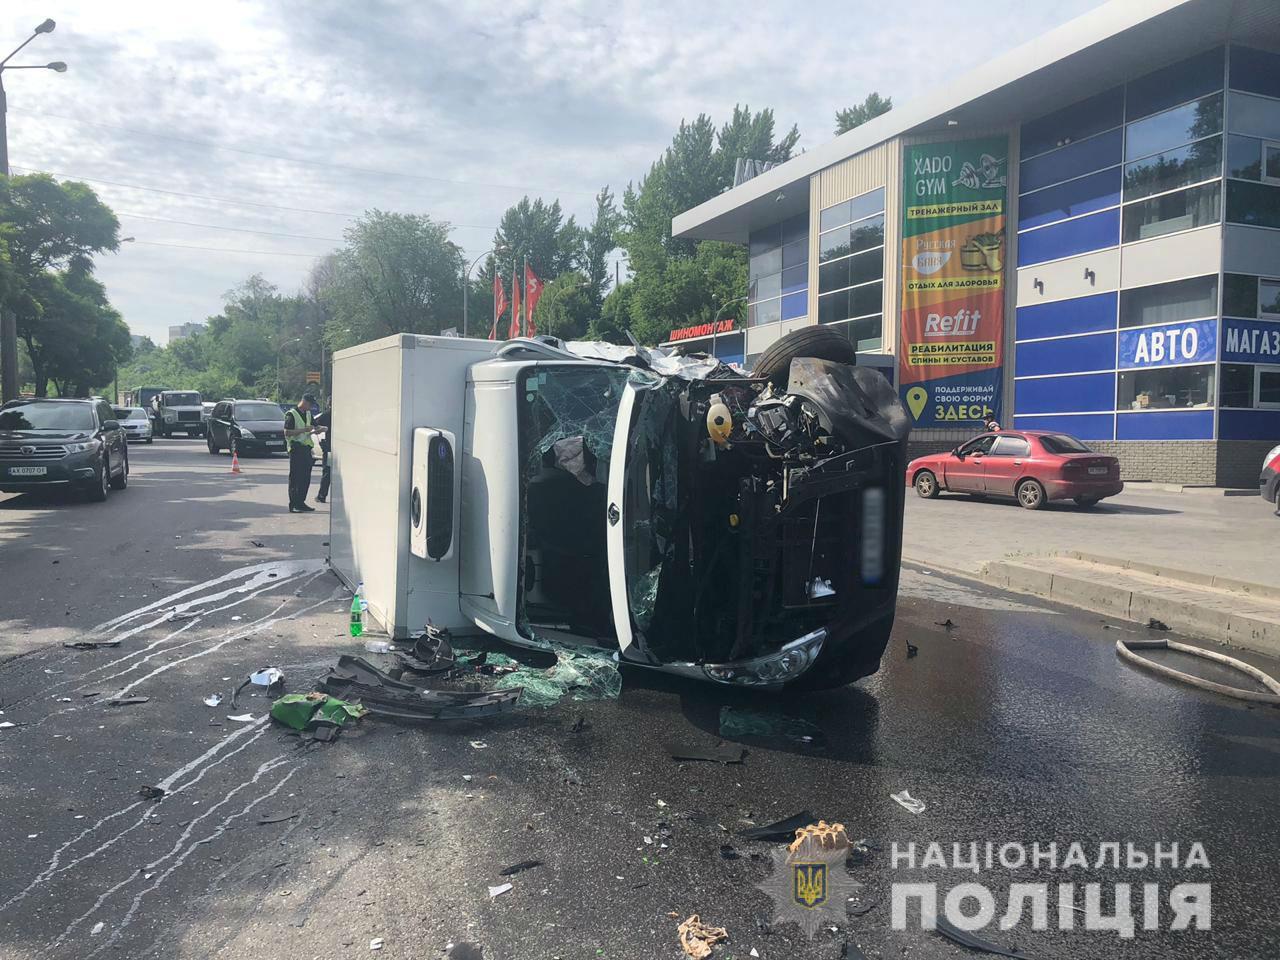 Полиция уточнила число пострадавших в ДТП на Тракторостроителей